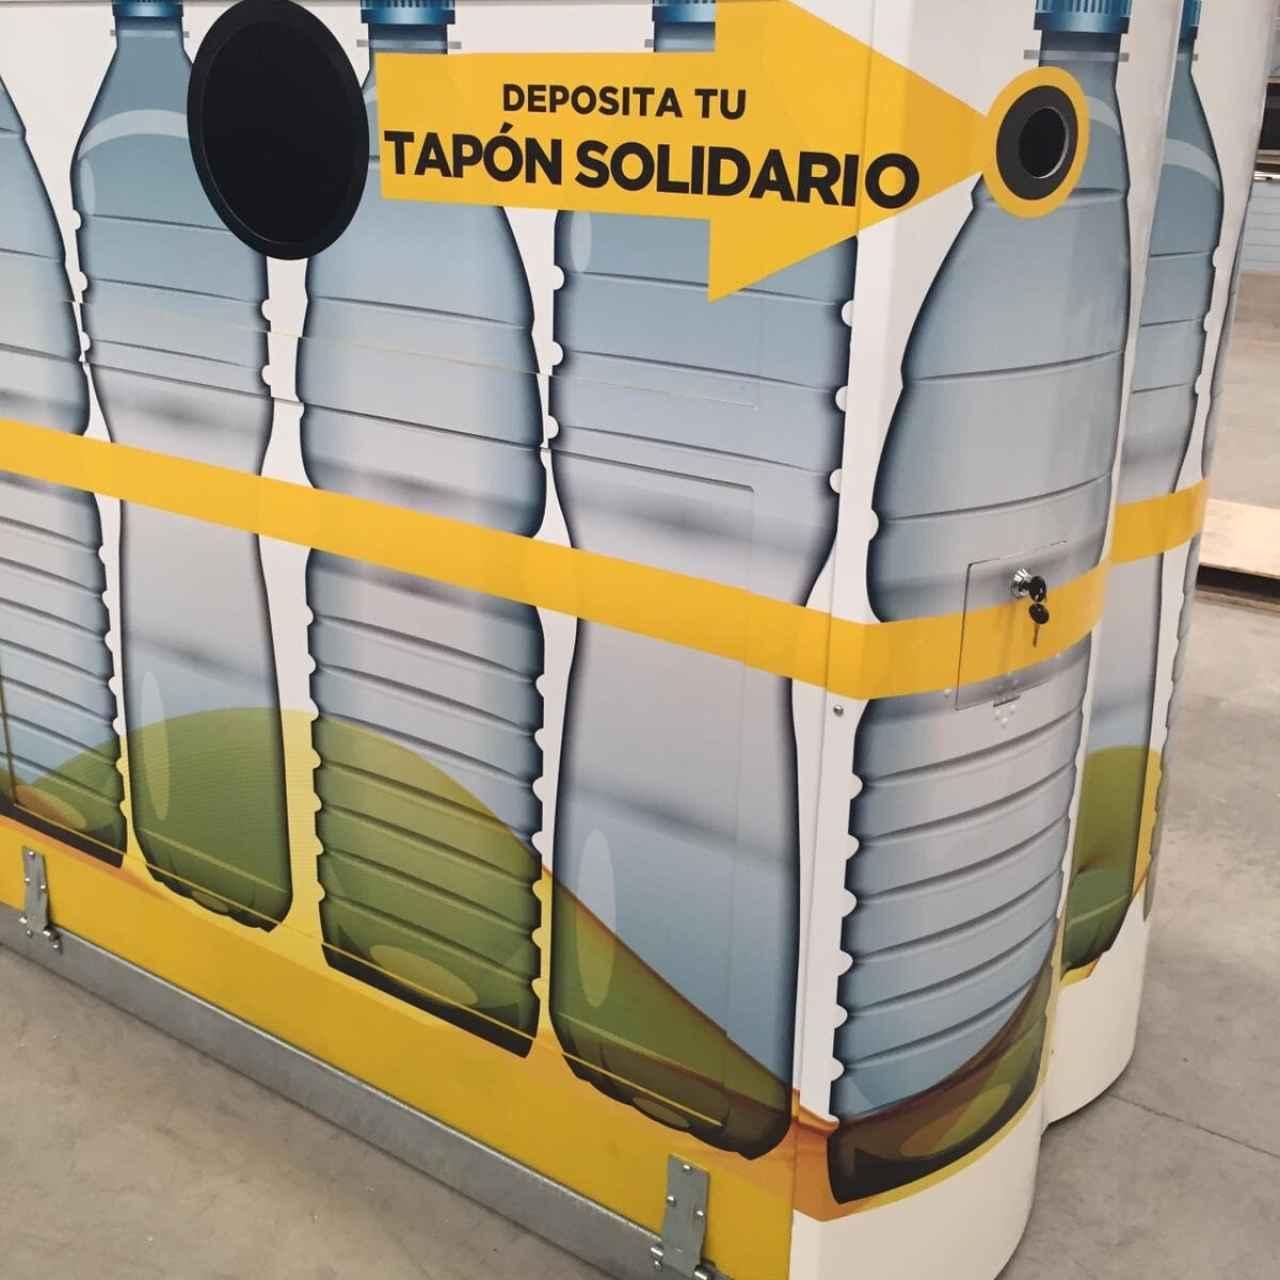 El contenedor de residuos inteligente Eco.loT.